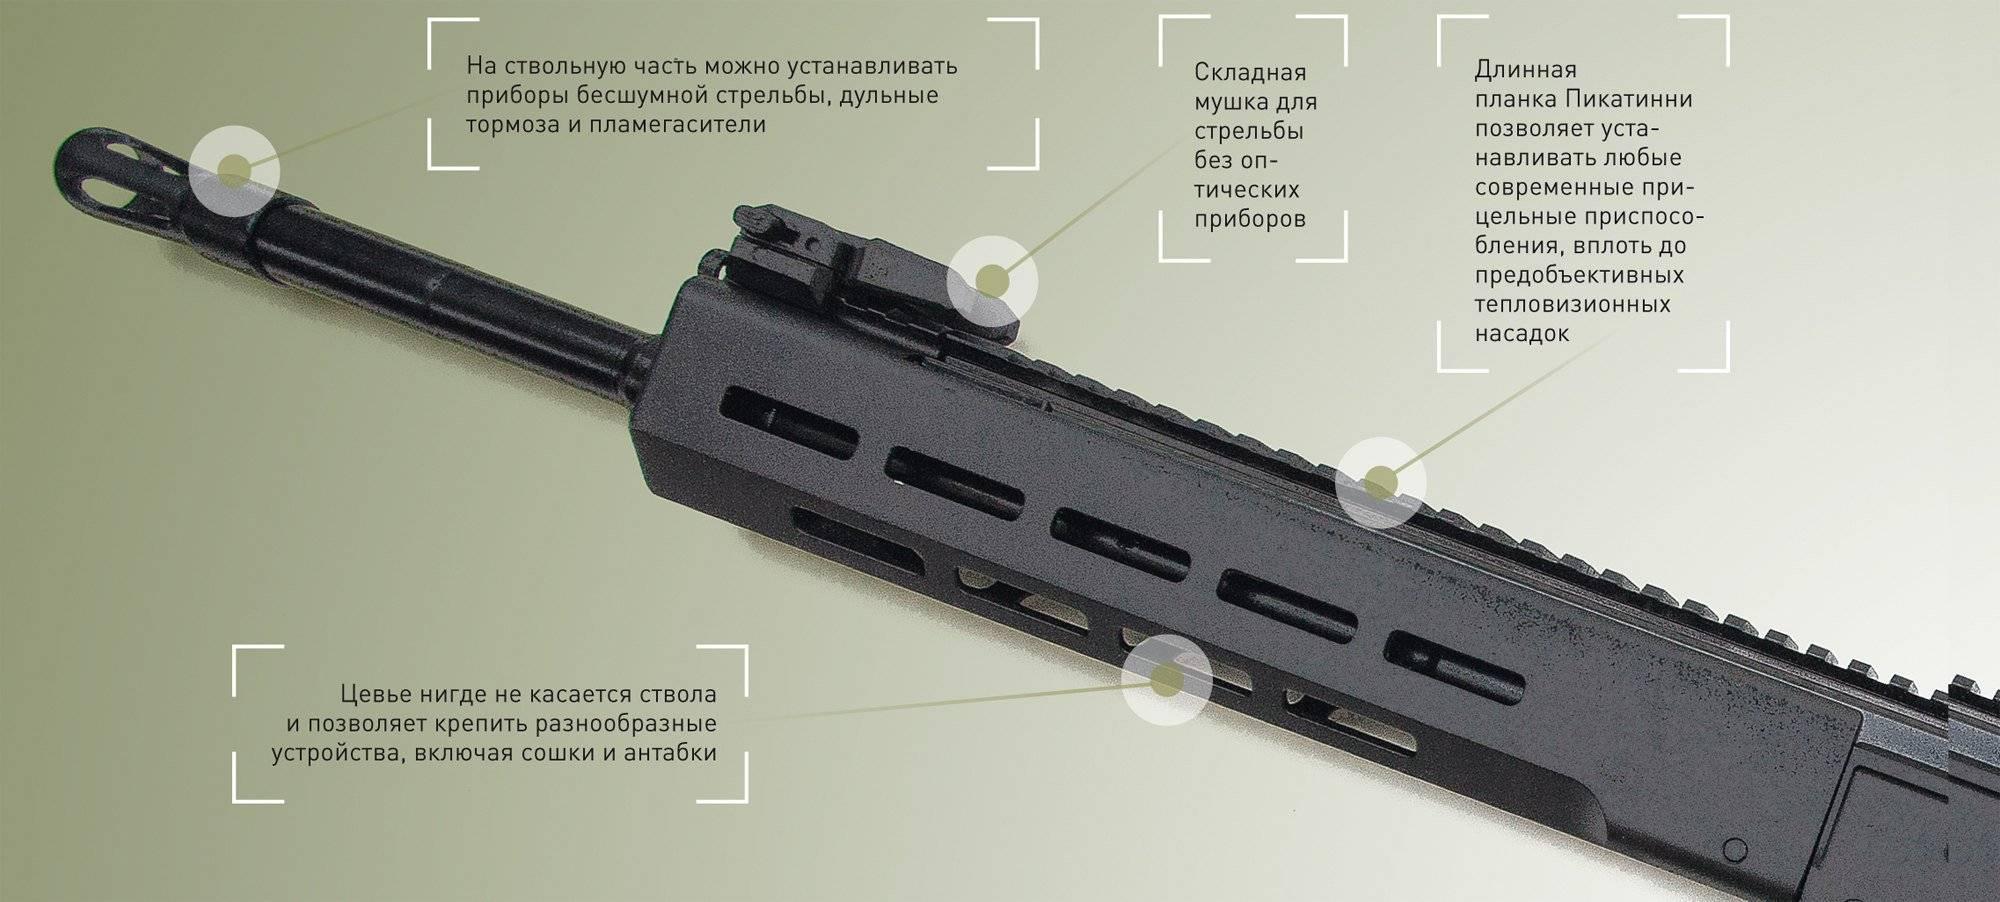 Свч -полуавтоматическая снайперская винтовка чукавина. хит 2020 года.